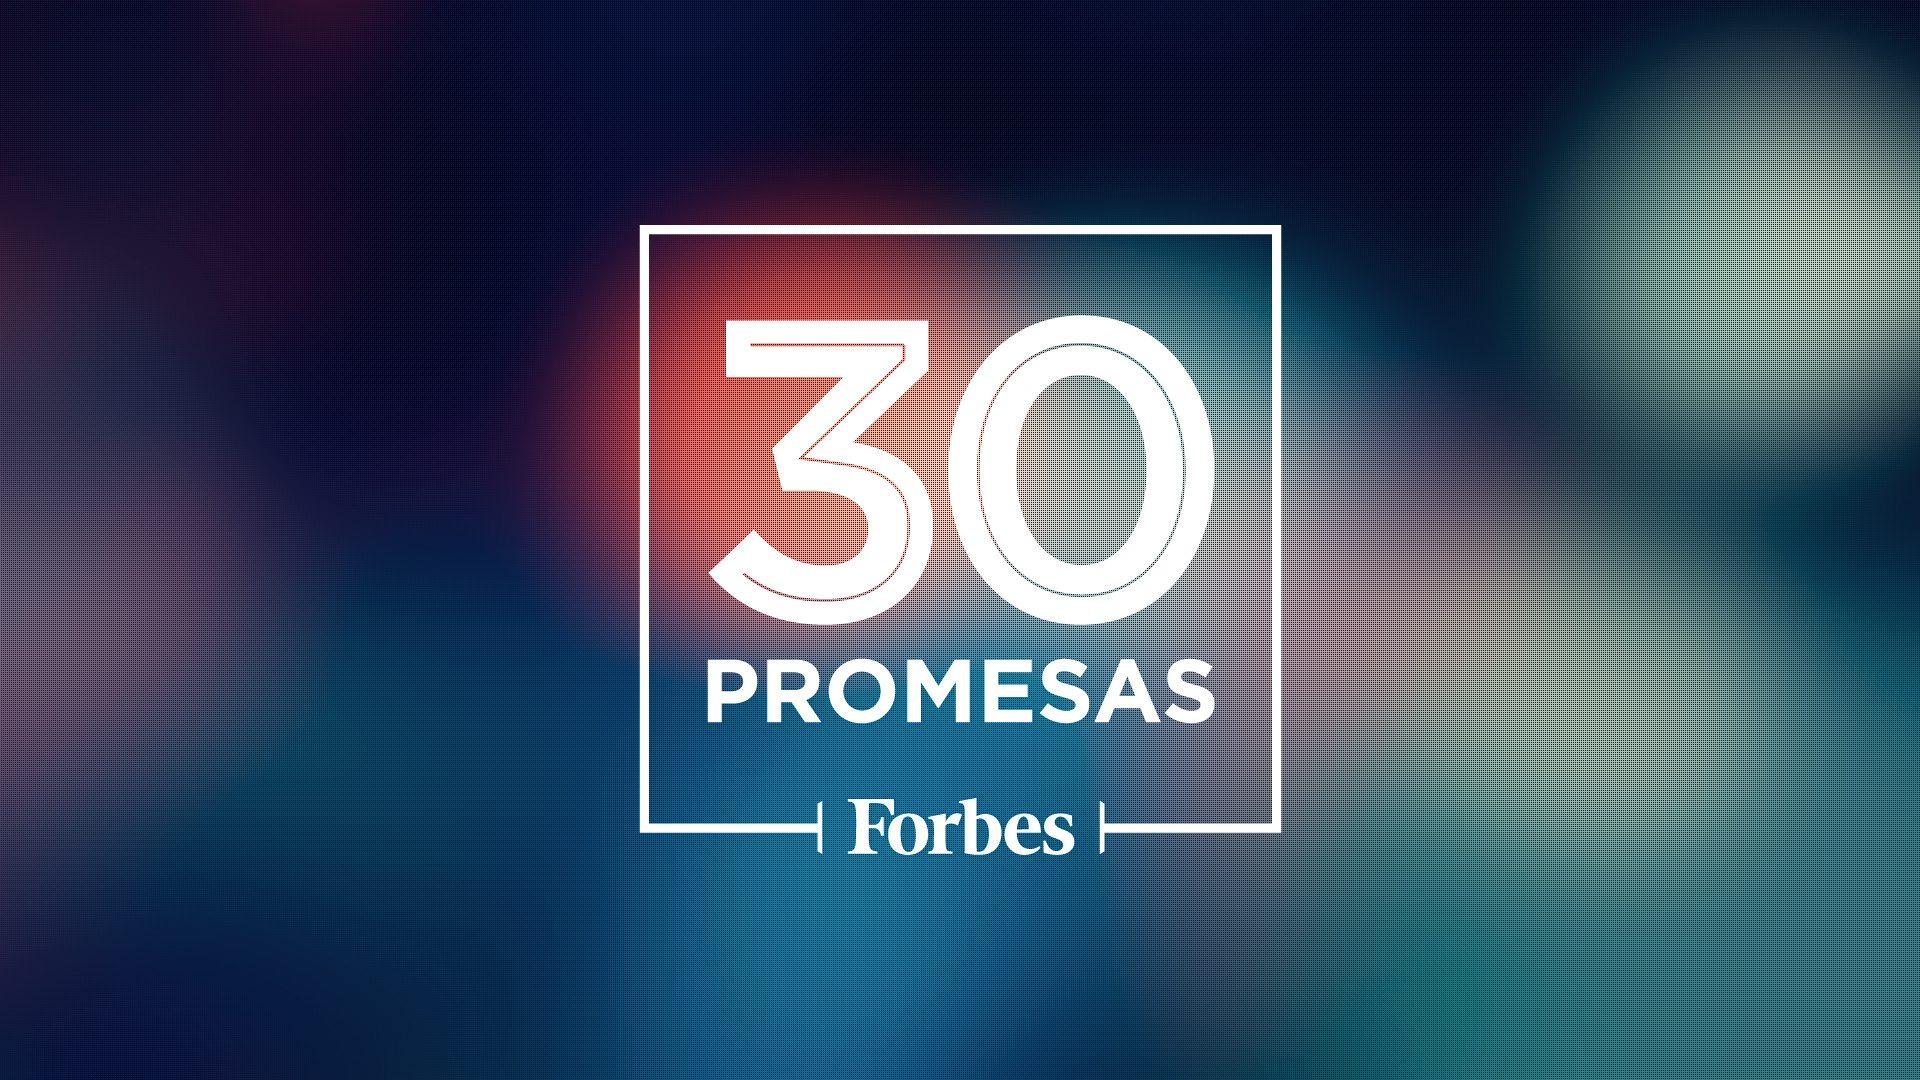 Próximamente…30 promesas de los negocios Forbes